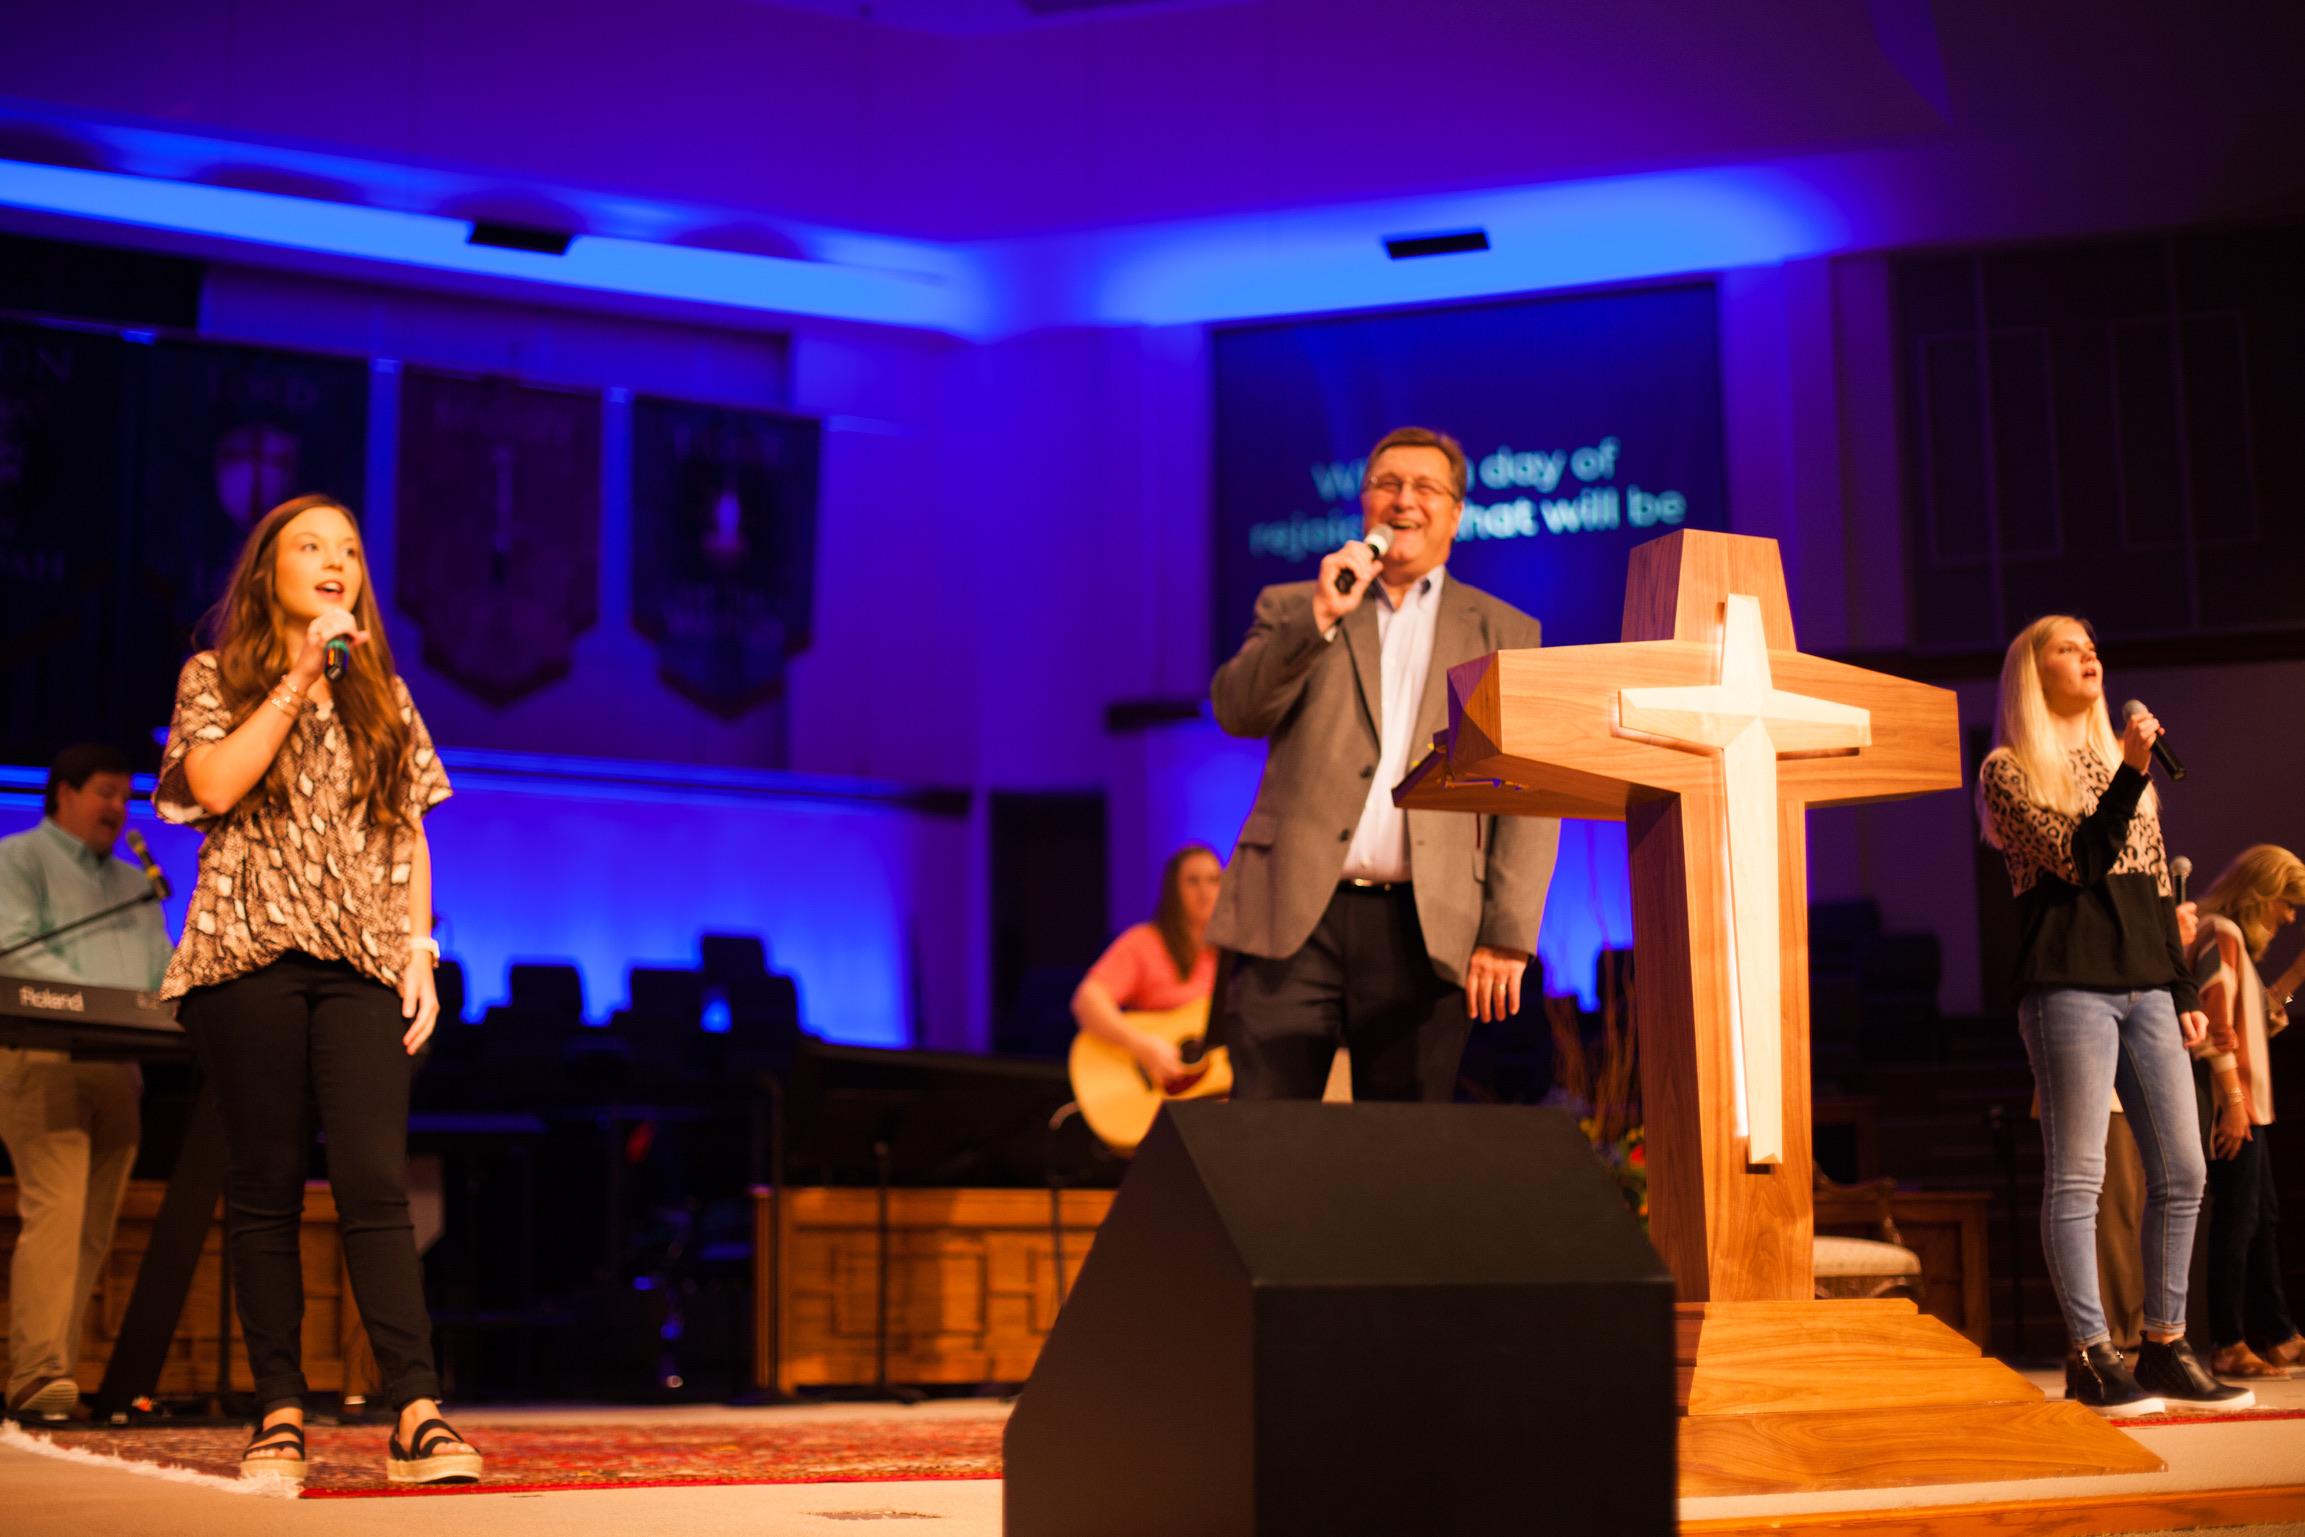 Ken leading worship